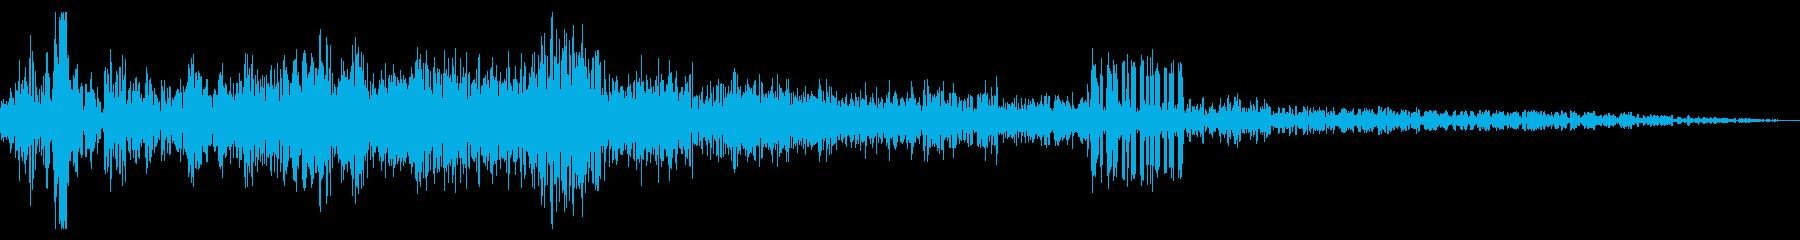 電気ウナギ、ドローンヒットザップ電...の再生済みの波形